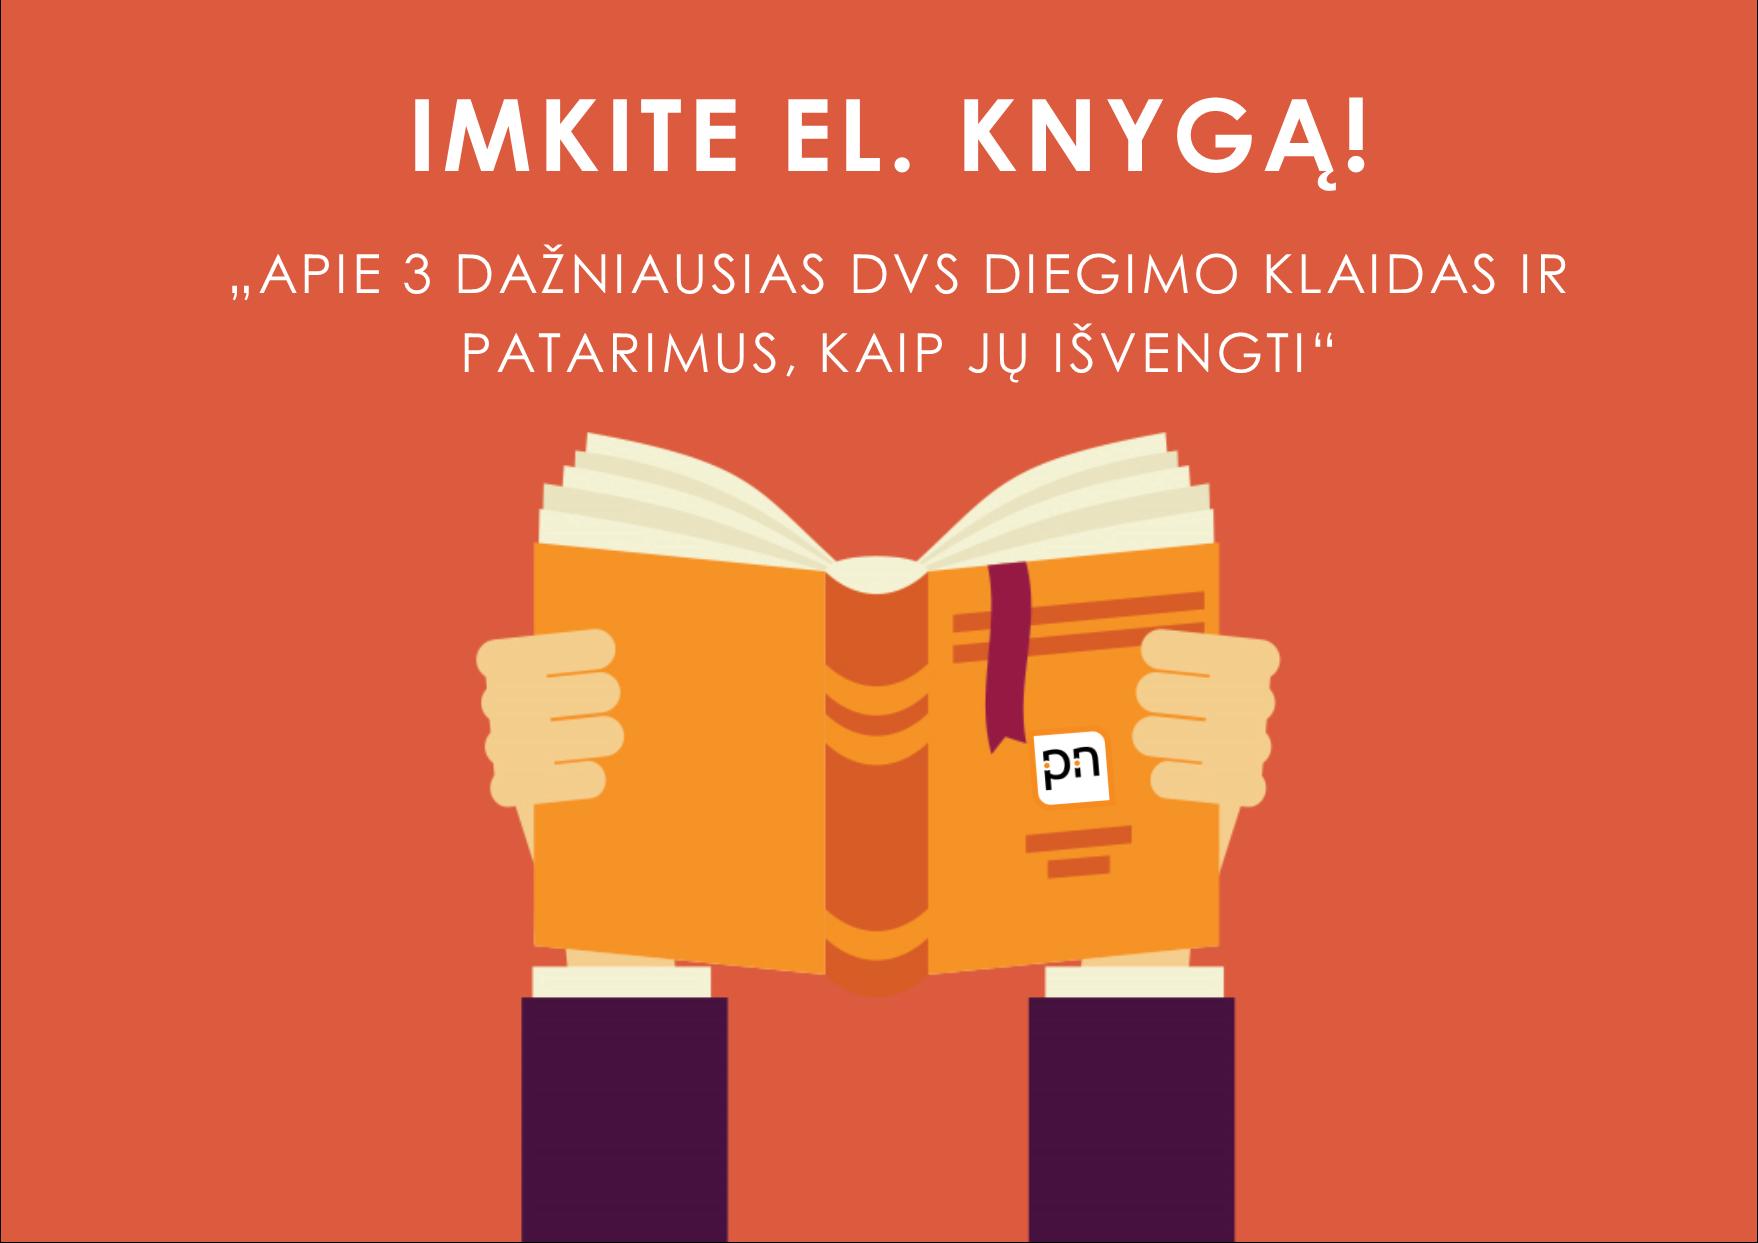 IMKITE_EL_KNYGA.png